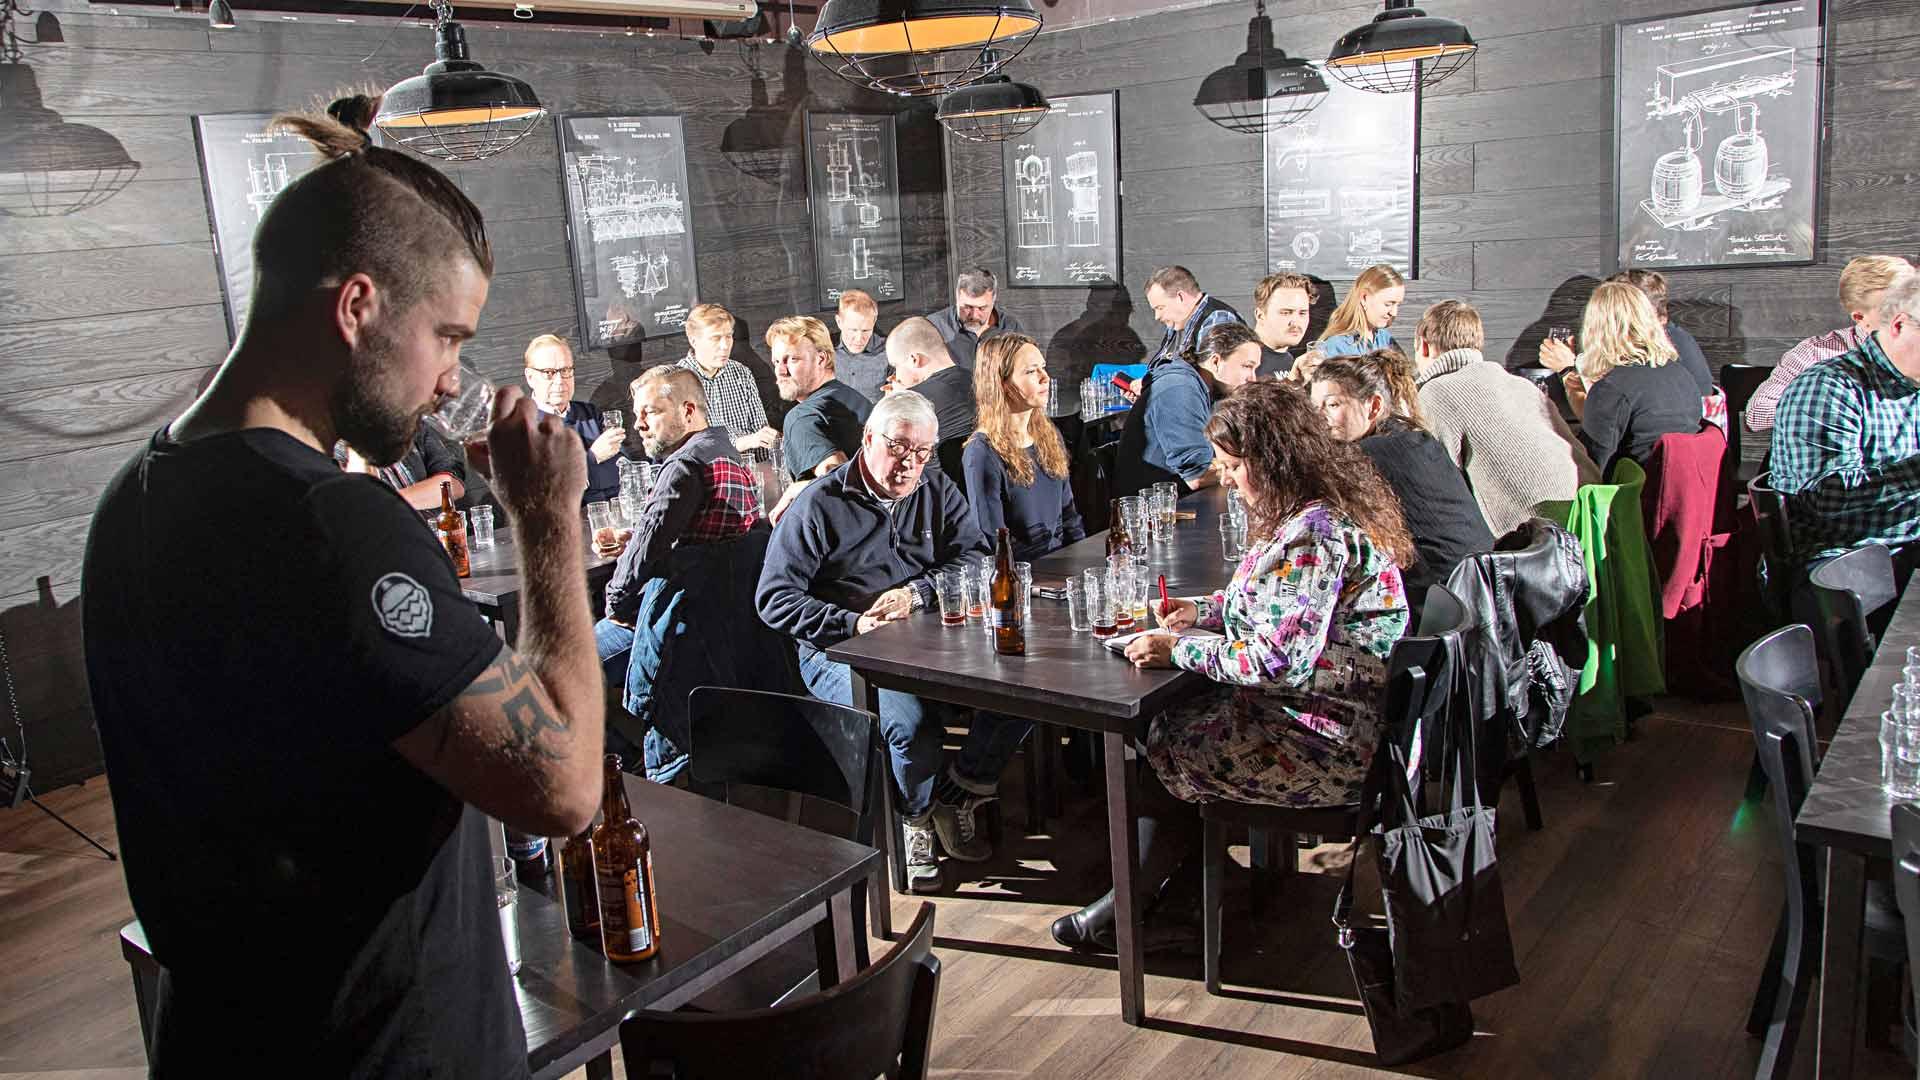 Pääkaupunkiseudulla järjestetään paljon olutmaisteluita. Asiakkaat ovat yleensä pääosin miehiä.